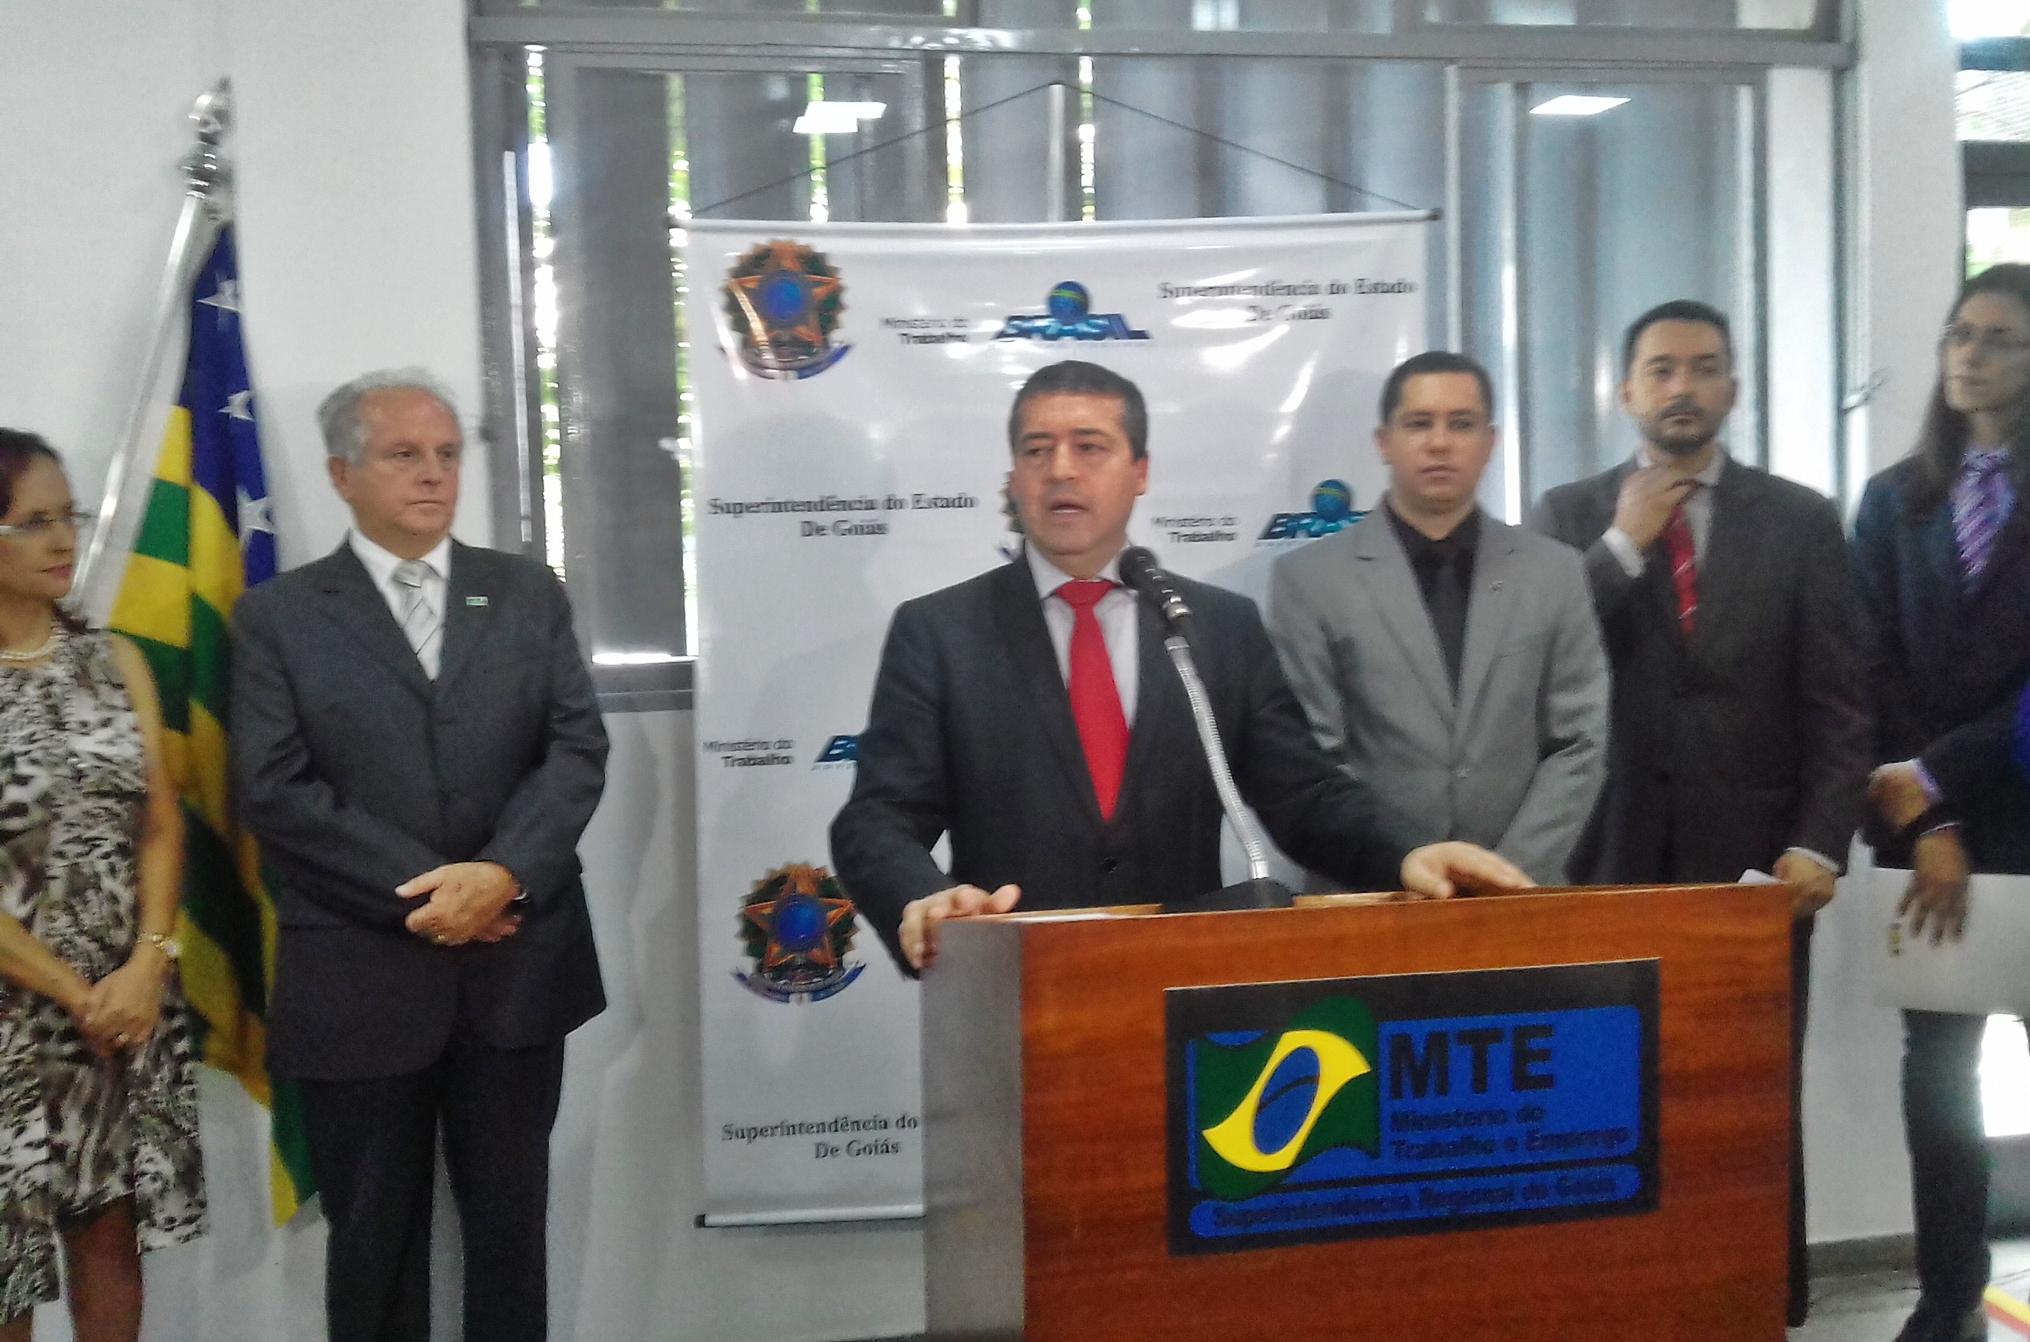 'Não há hipótese do trabalhador perder direitos', diz ministro do trabalho em visita a Goiânia